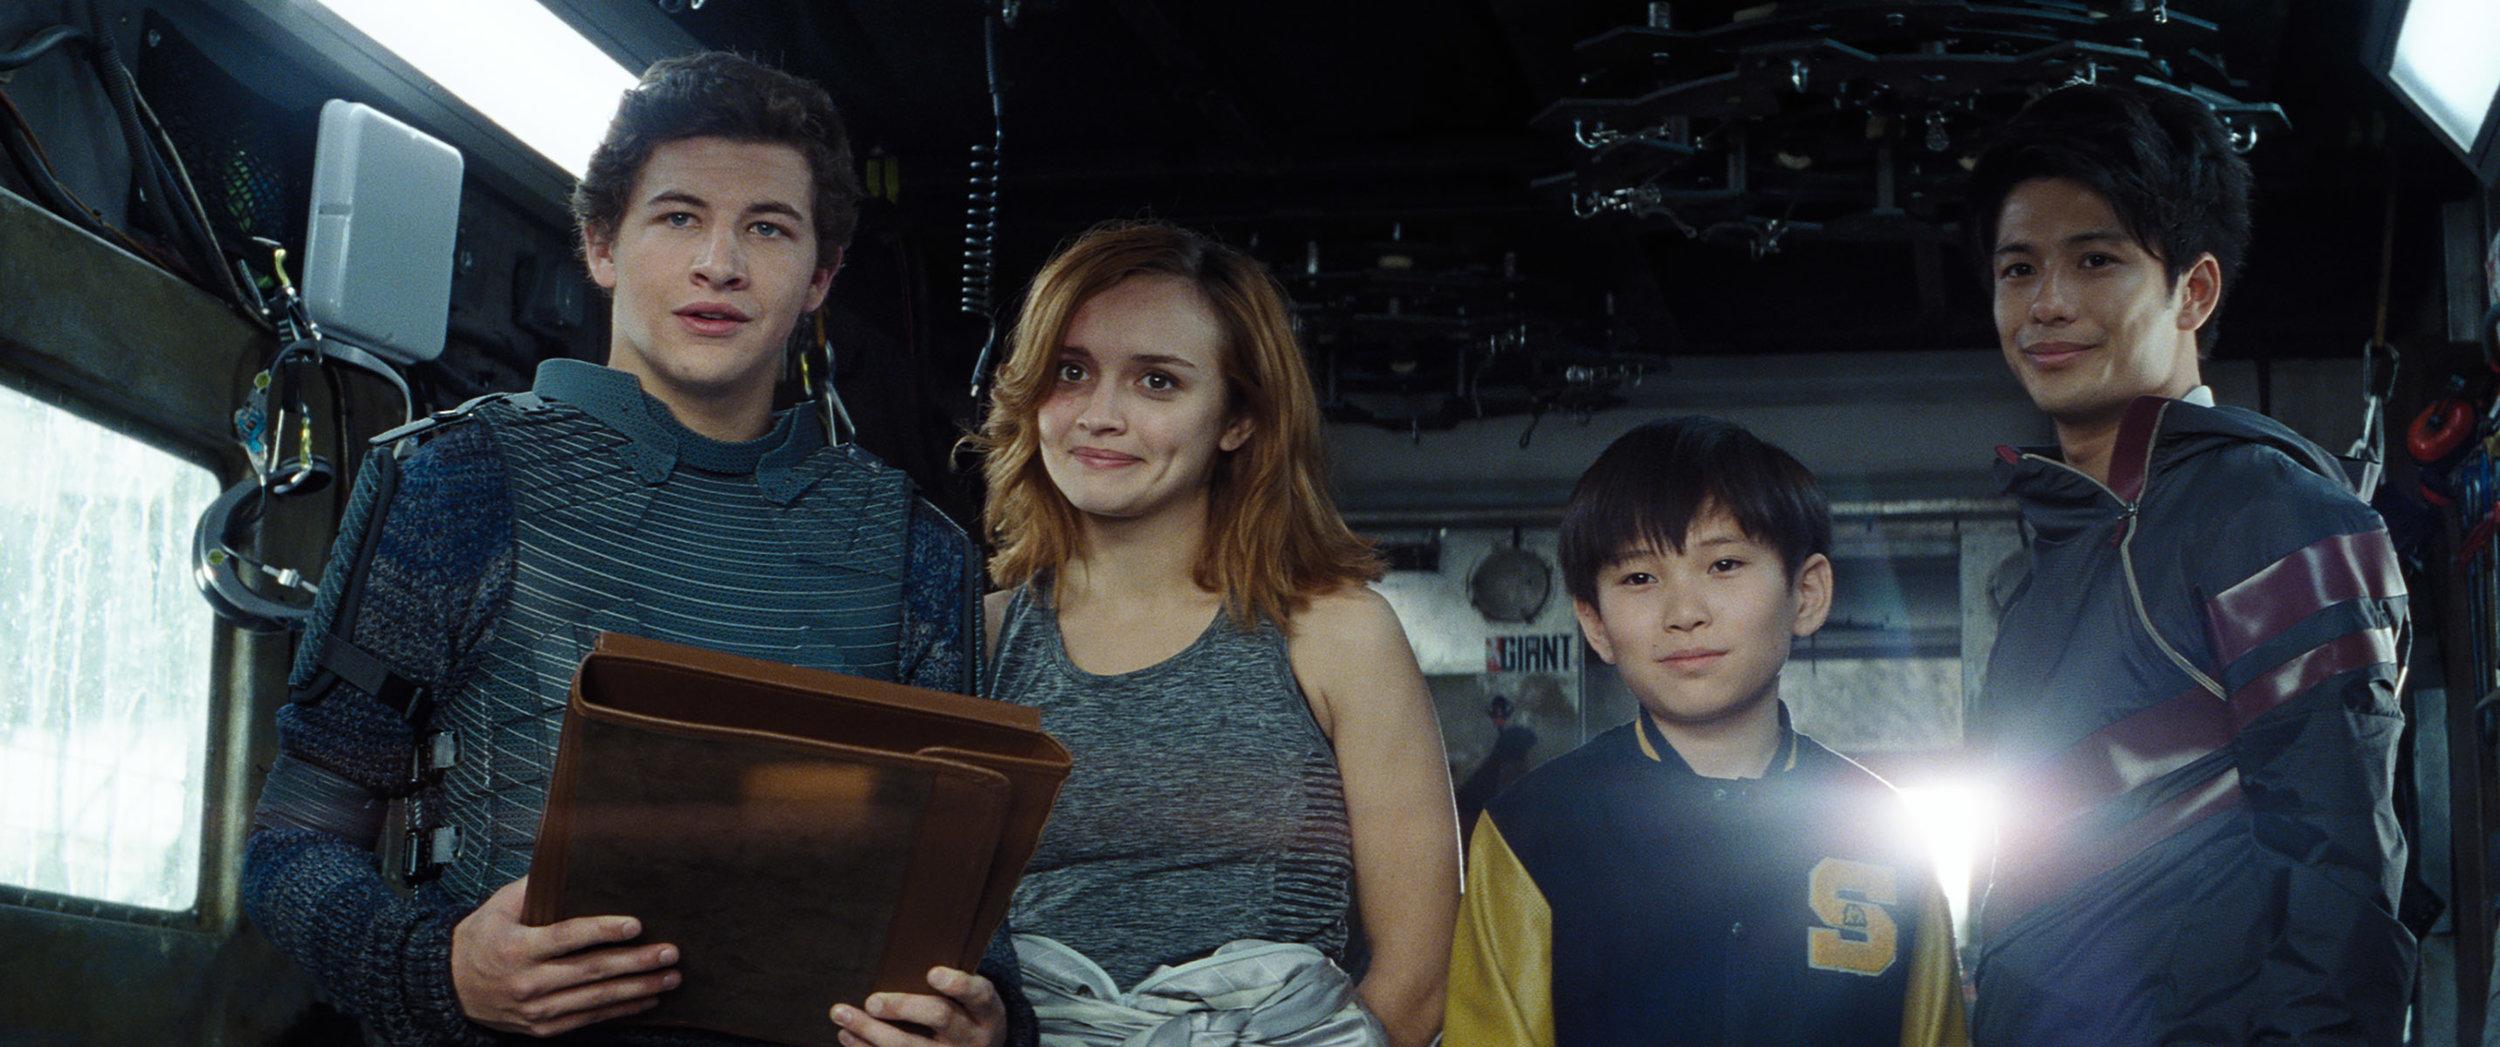 ready-player-one-movie-cast.jpg